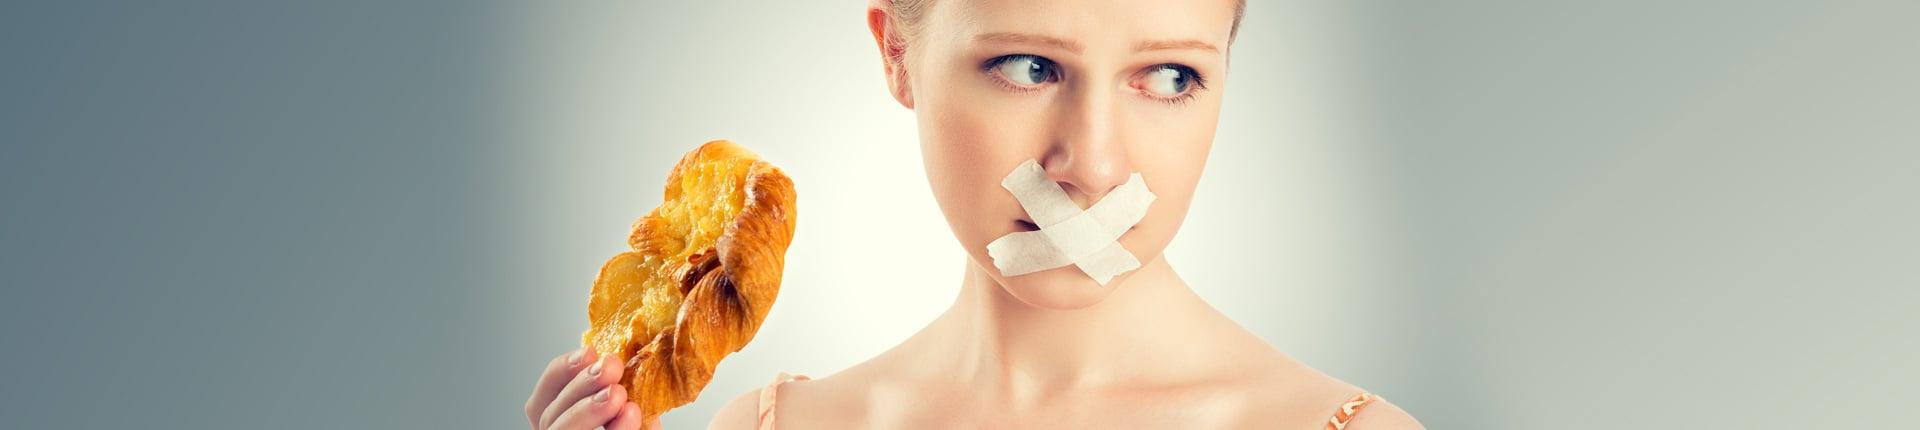 Głodówka, dieta 1000 kalorii oraz inne mity z pierwszych stron gazet